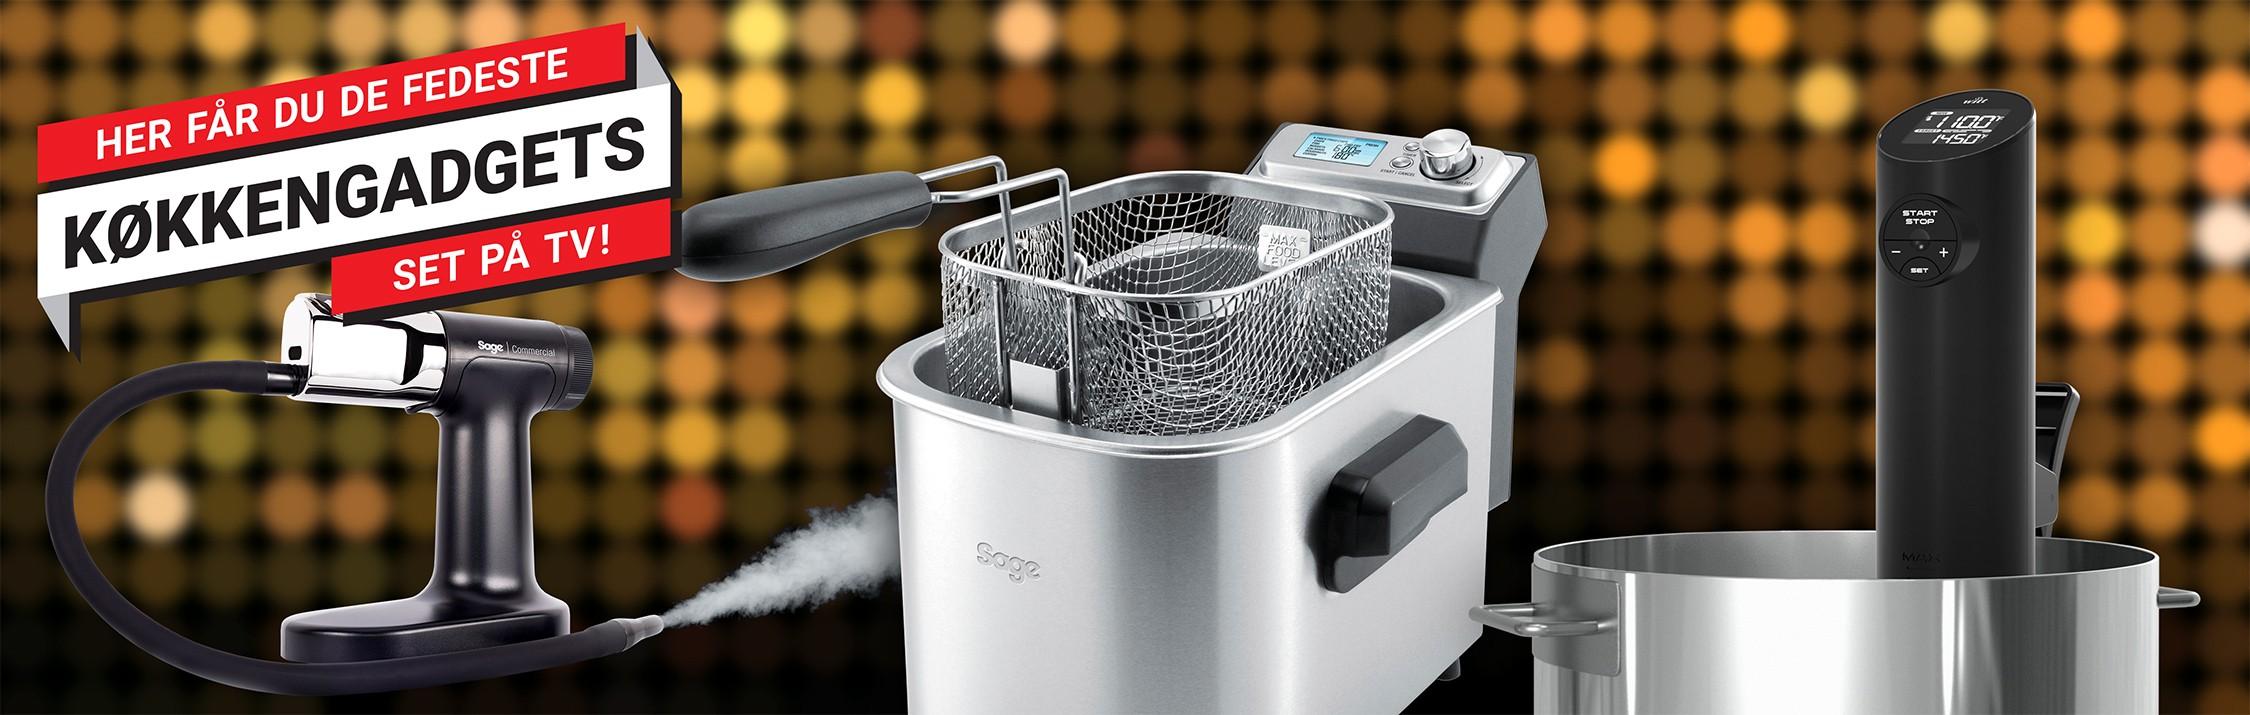 Køb dine køkken gadget produkter hos Elgiganten